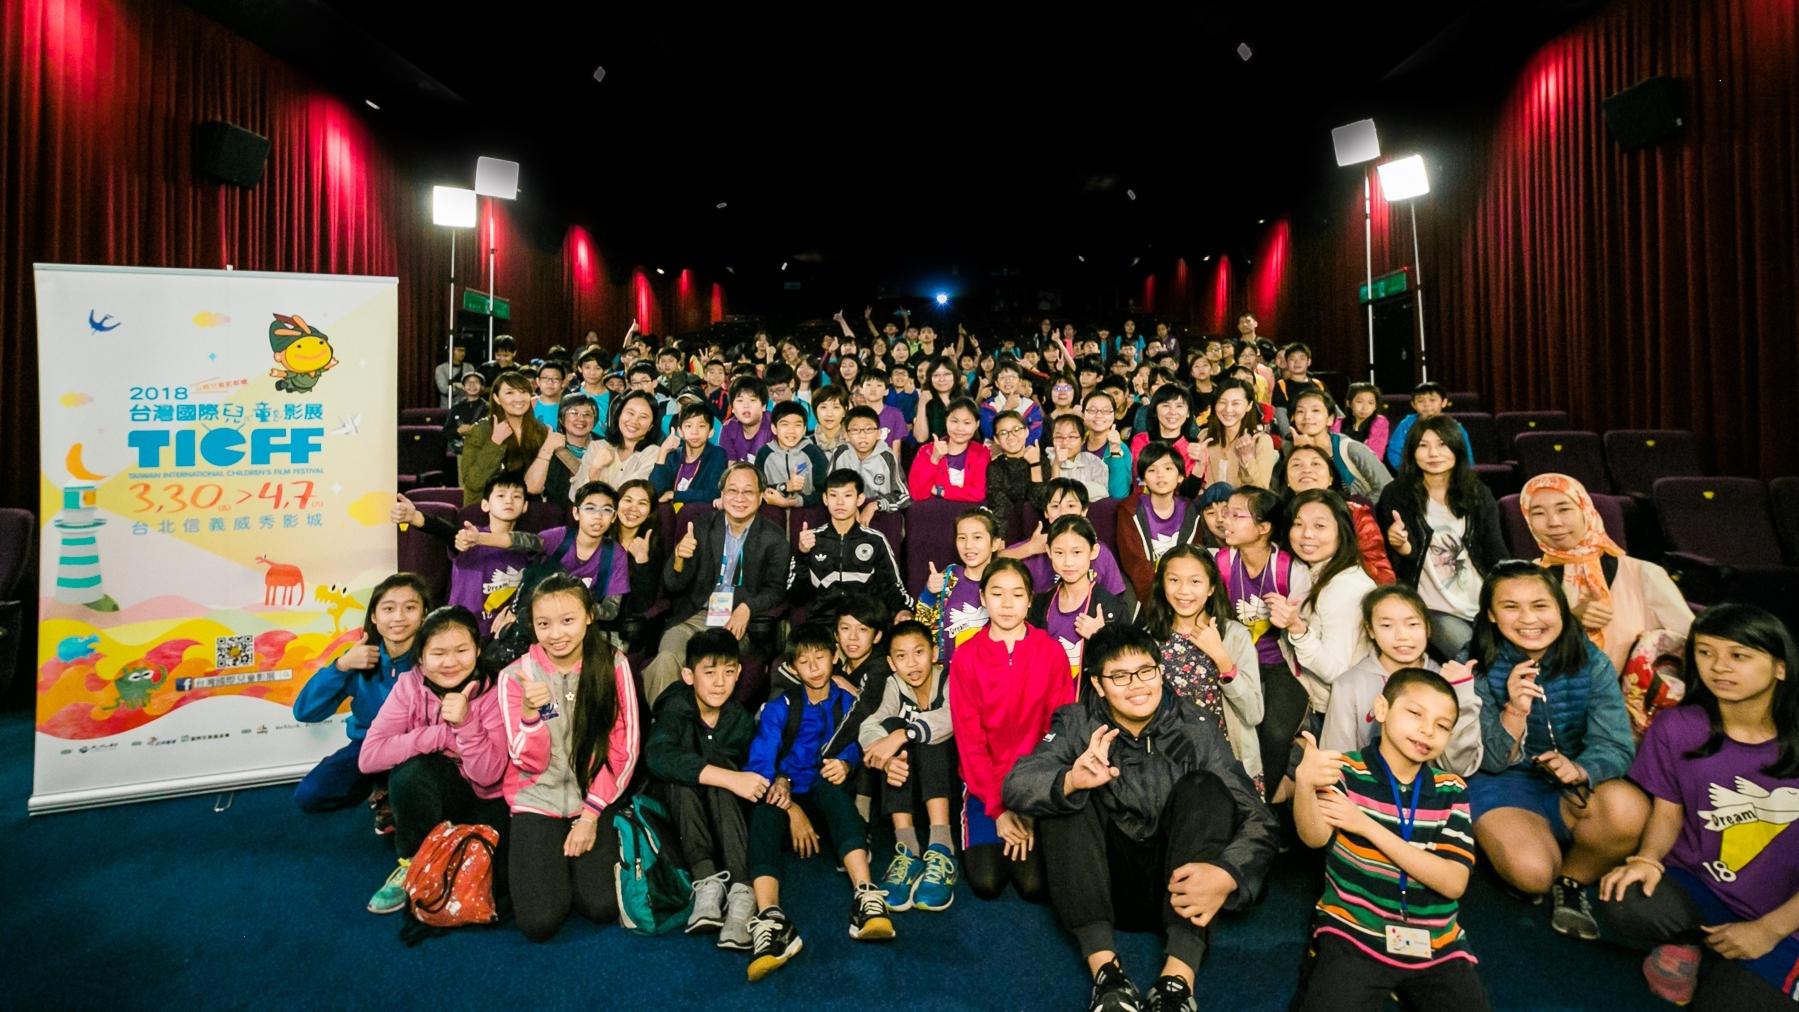 台灣國際兒童影展近年來參與人數不斷創新高,上屆影展參與人數更突破2萬5千人次(公共電視提供)